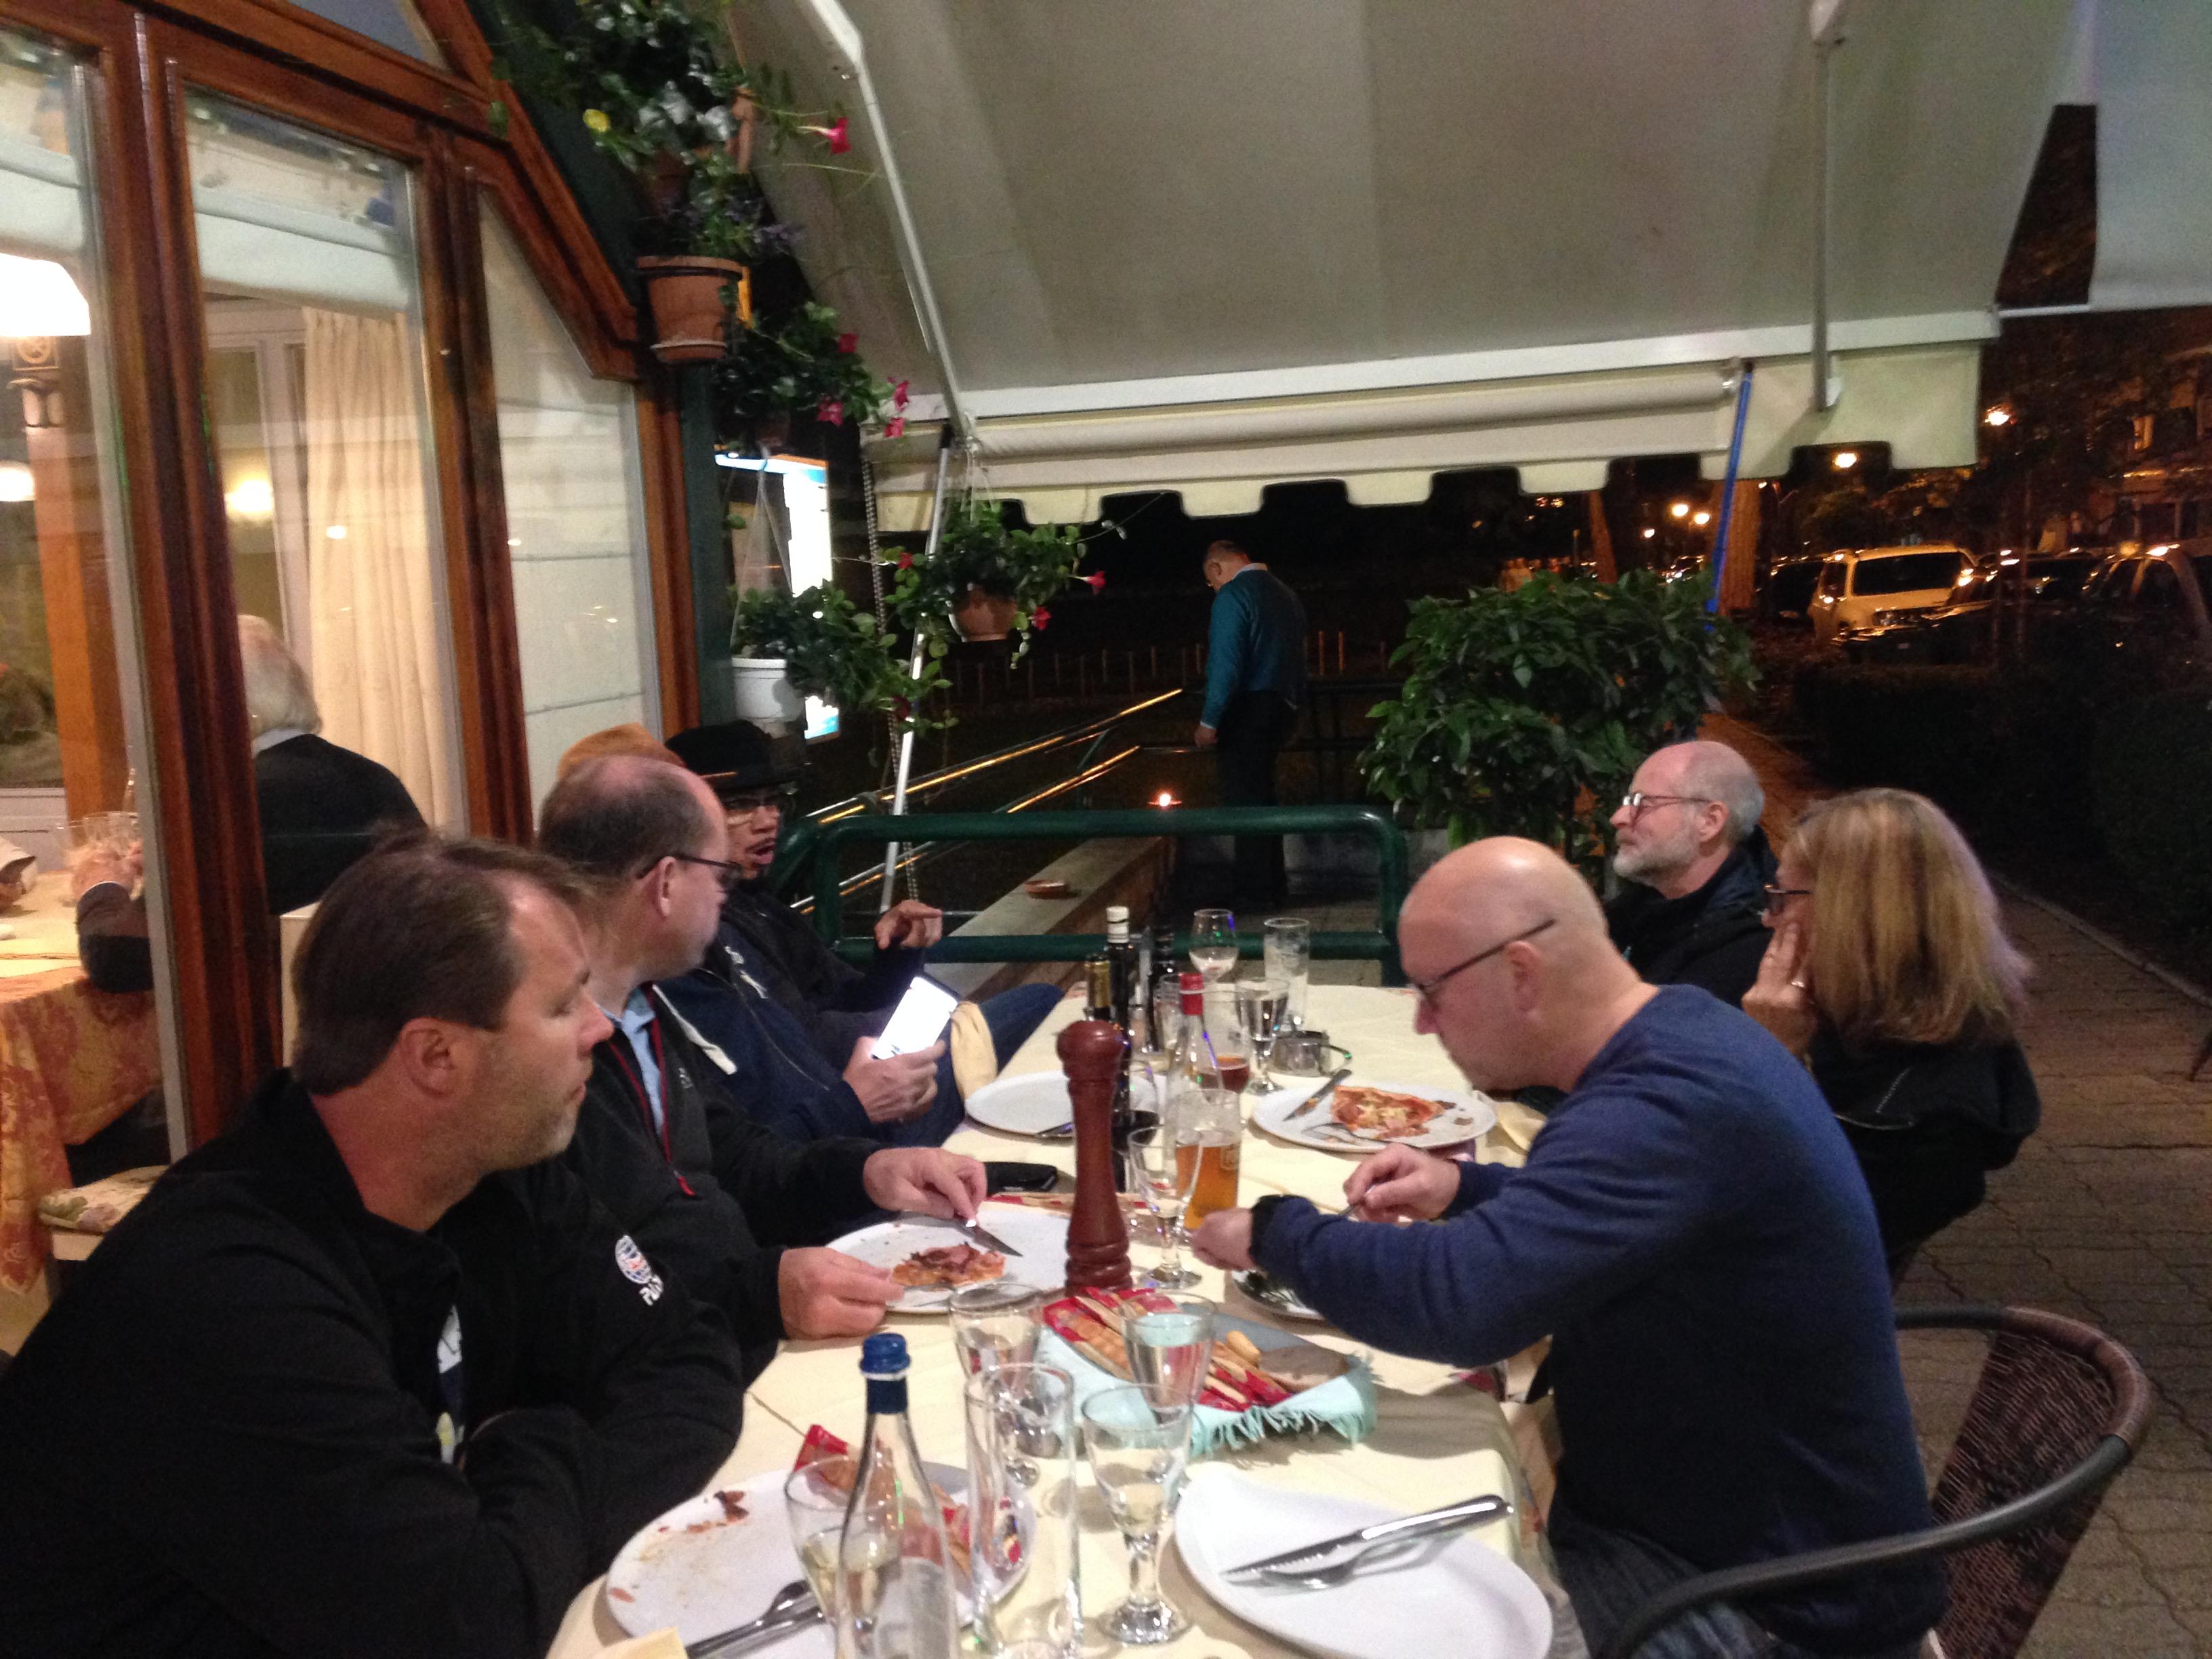 Middag på utesrevering i Montegrotto